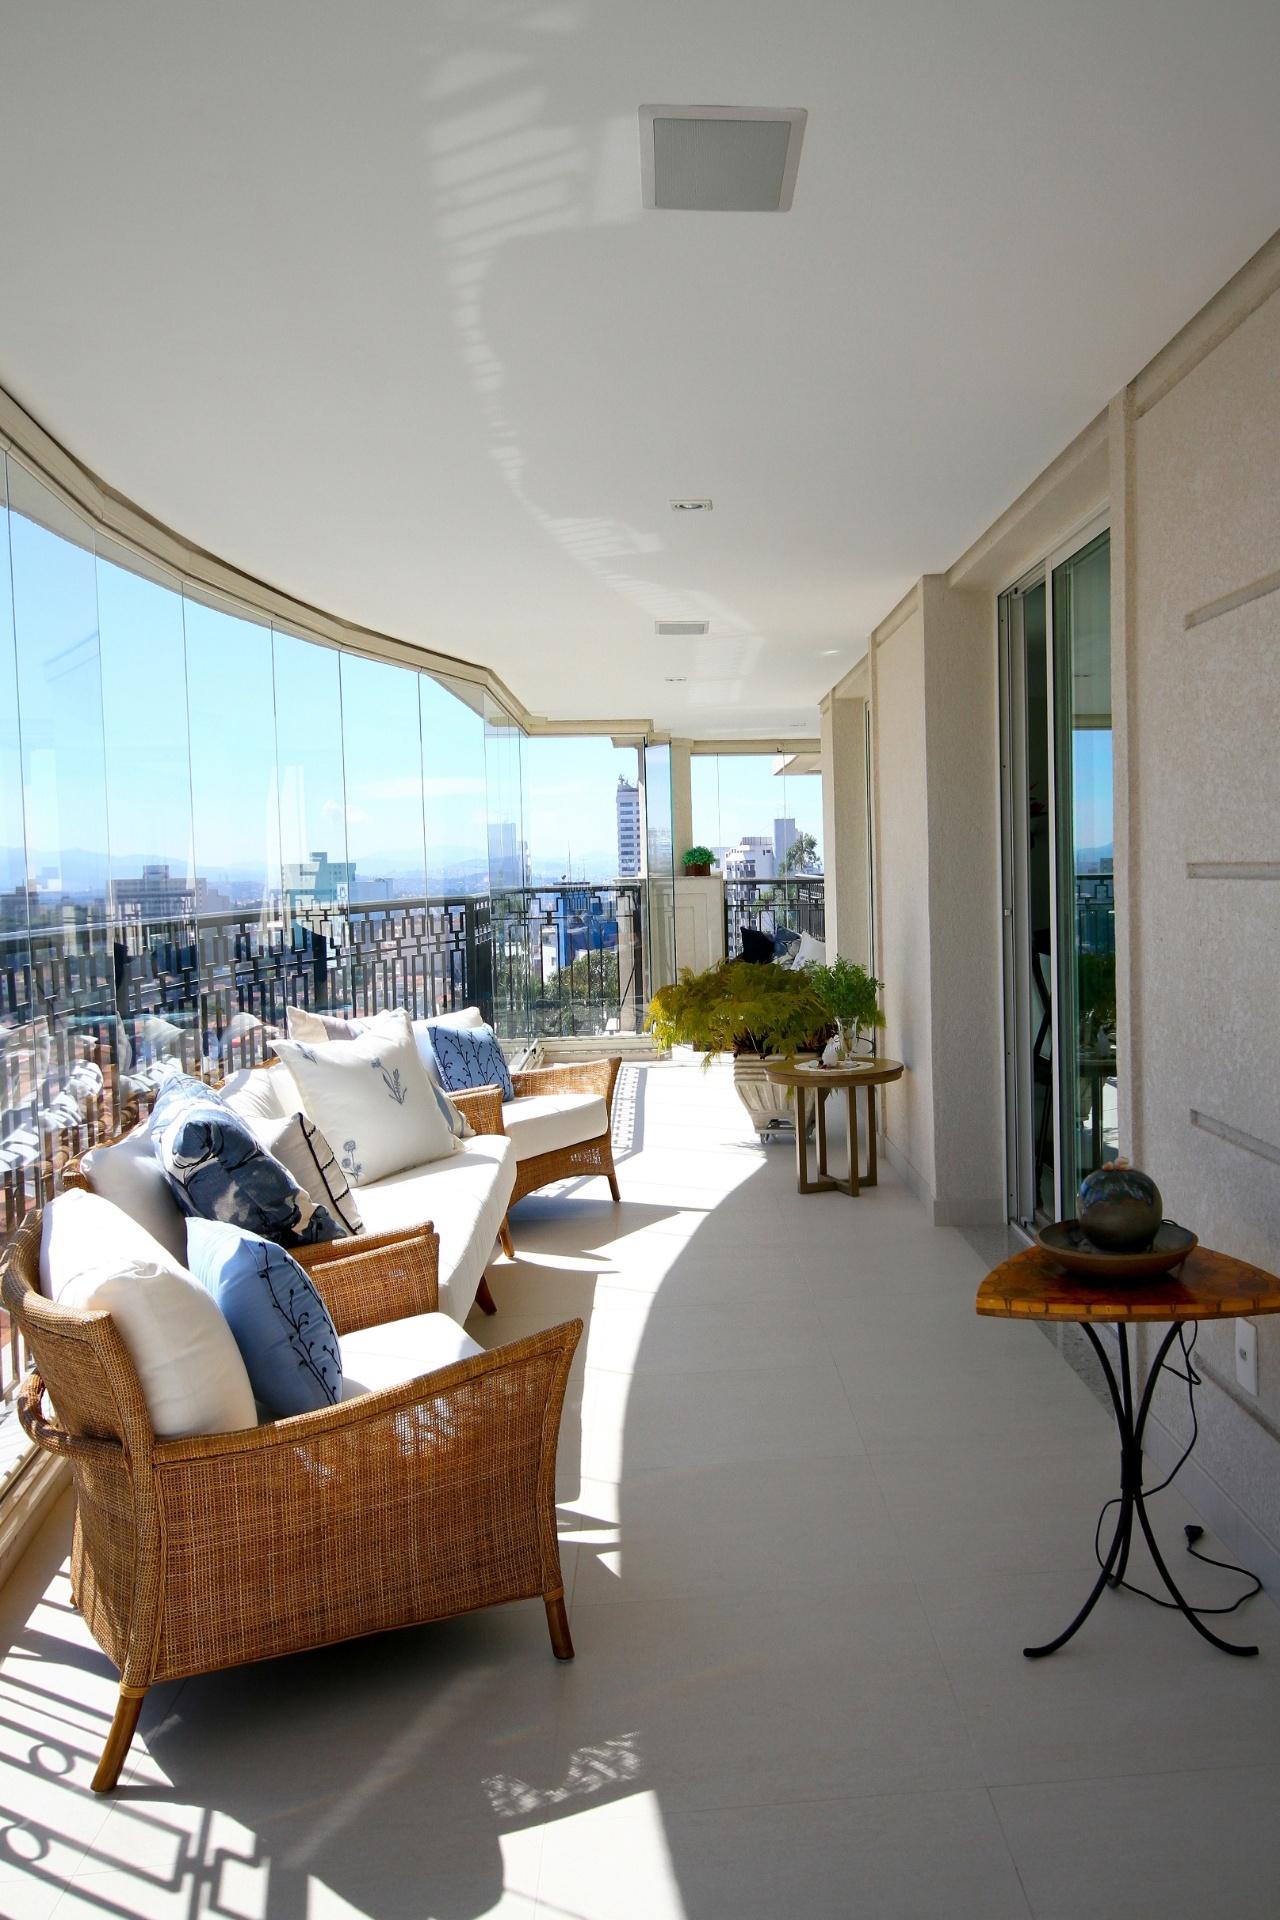 Com a vista para a cidade, a varanda é o ponto alto do projeto de decoração assinado pela arquiteta e designer Silvia Bitelli, no Jardim França, em São Paulo. Móveis de fibra e plantas dão aconchego ao espaço fechado por painéis de vidro